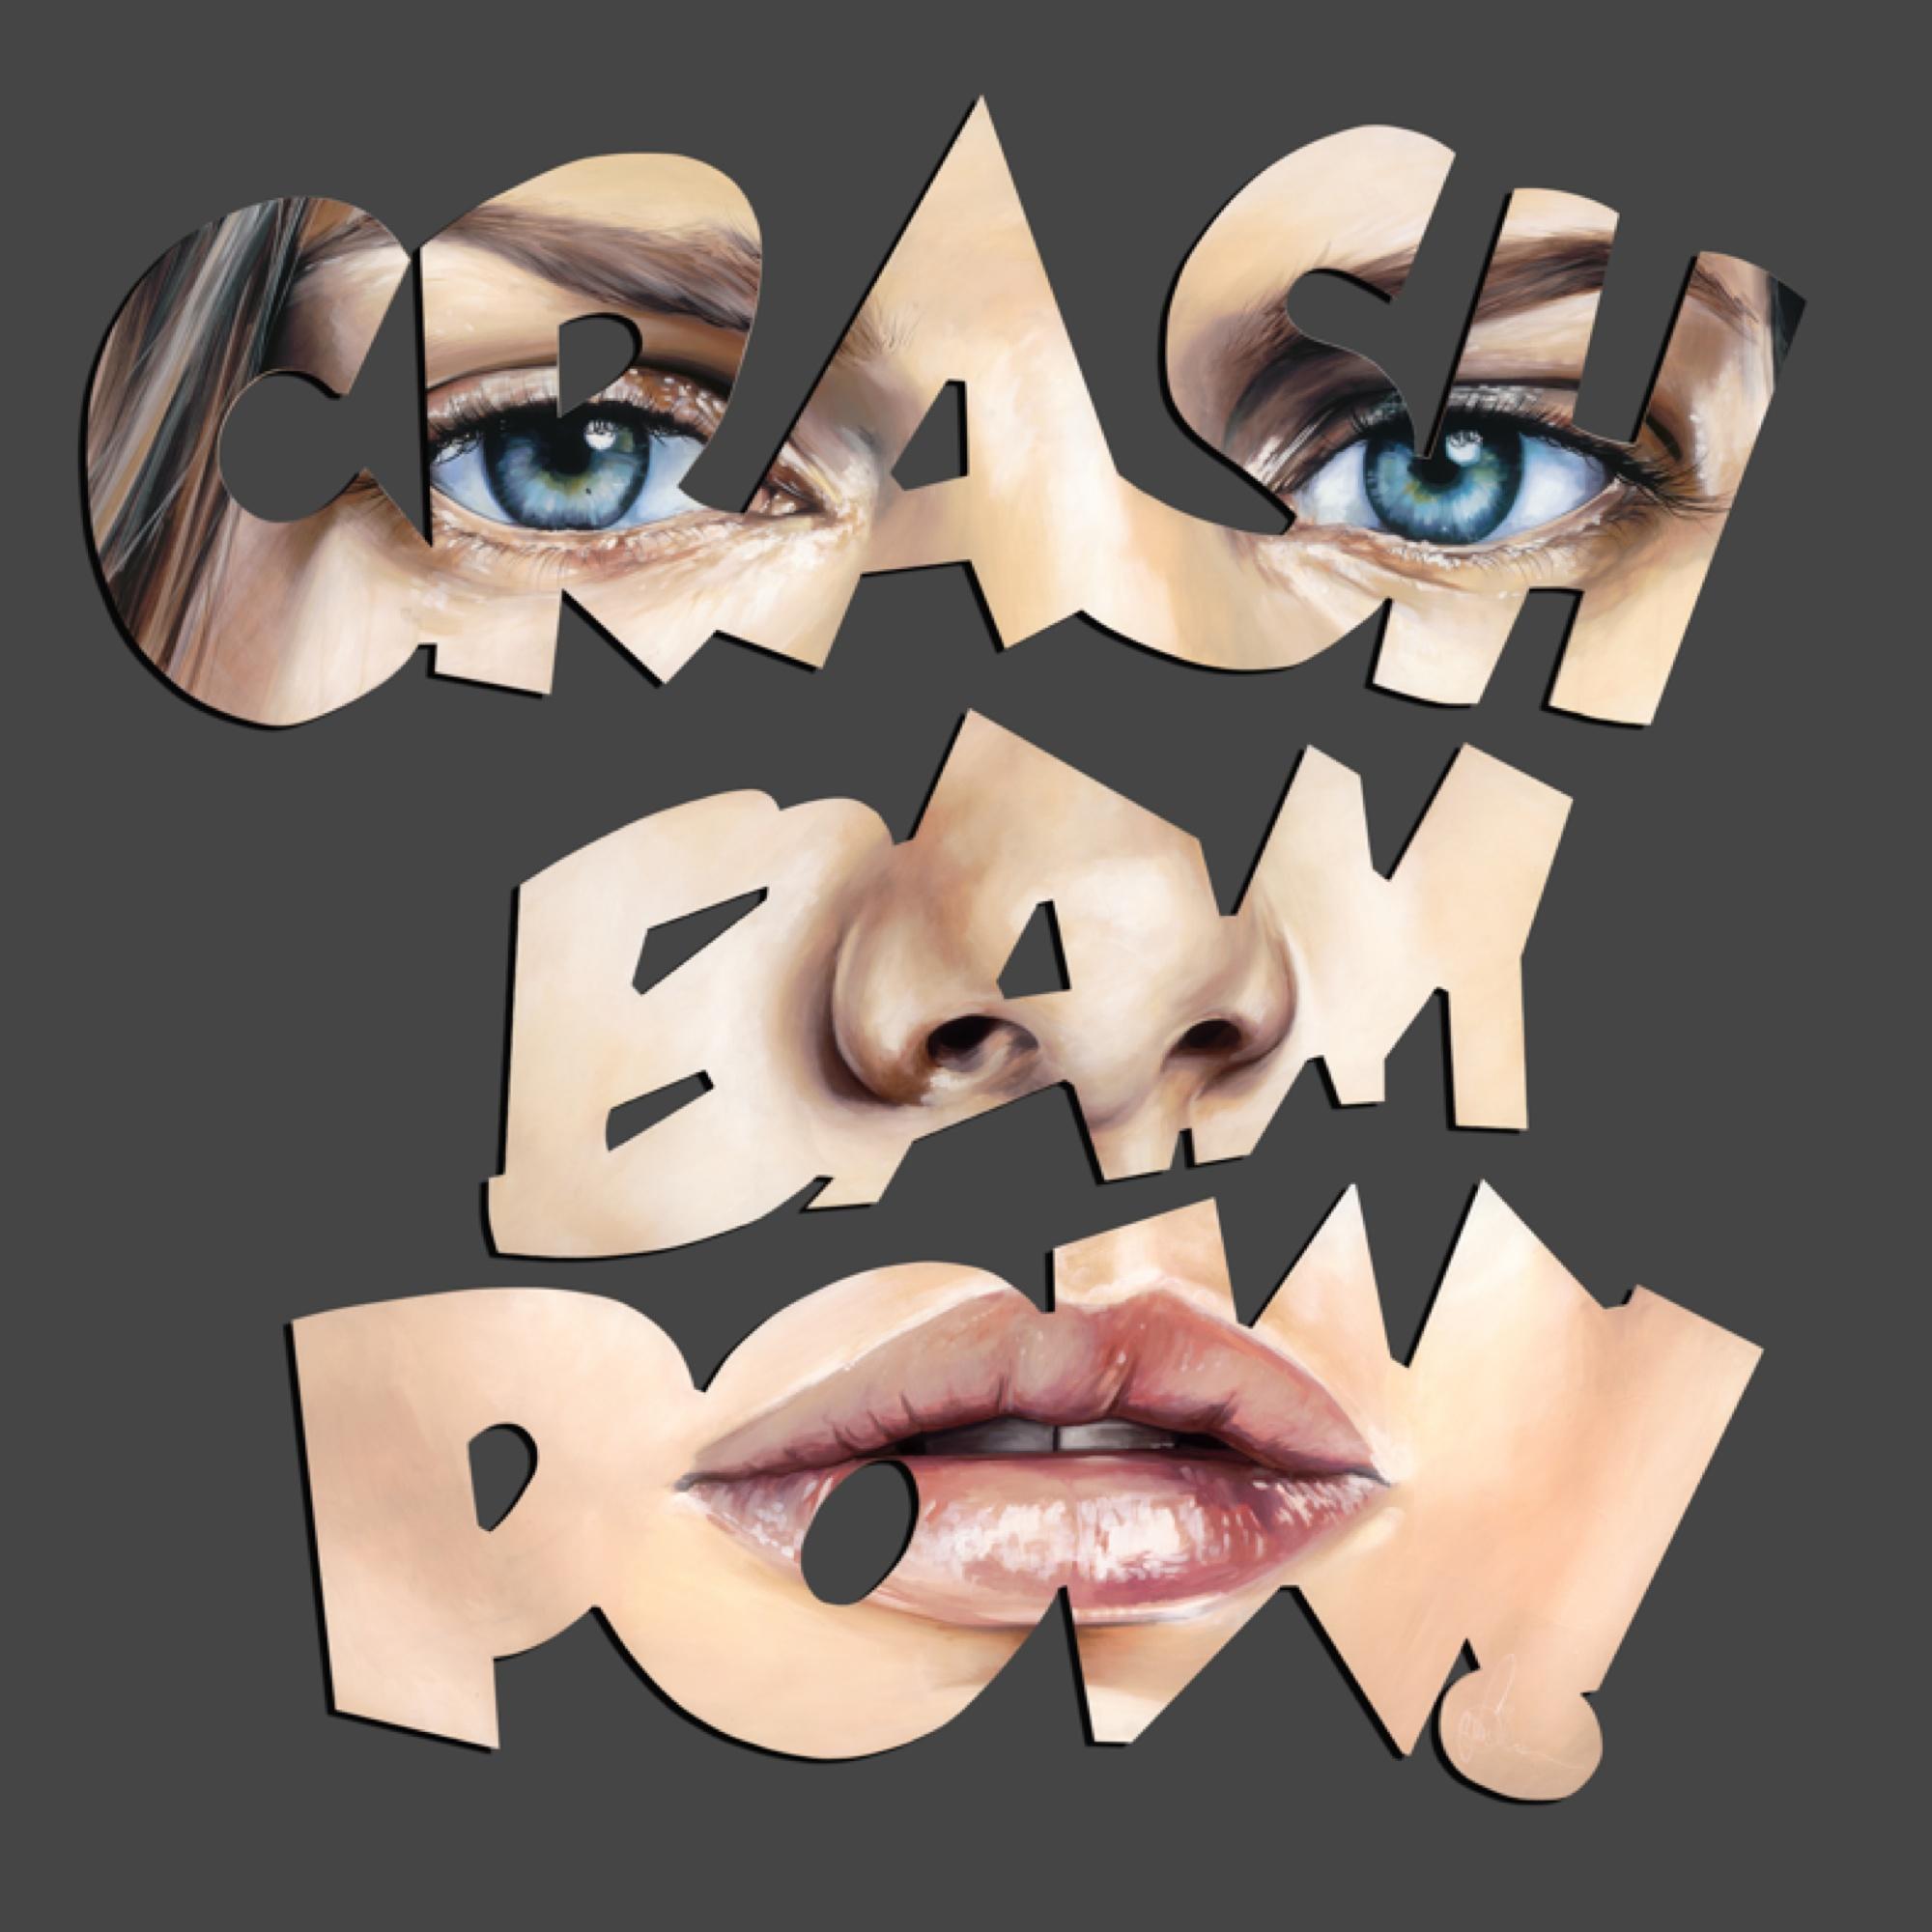 La Cage et l'écho du Crash Bam Pow! .jpg